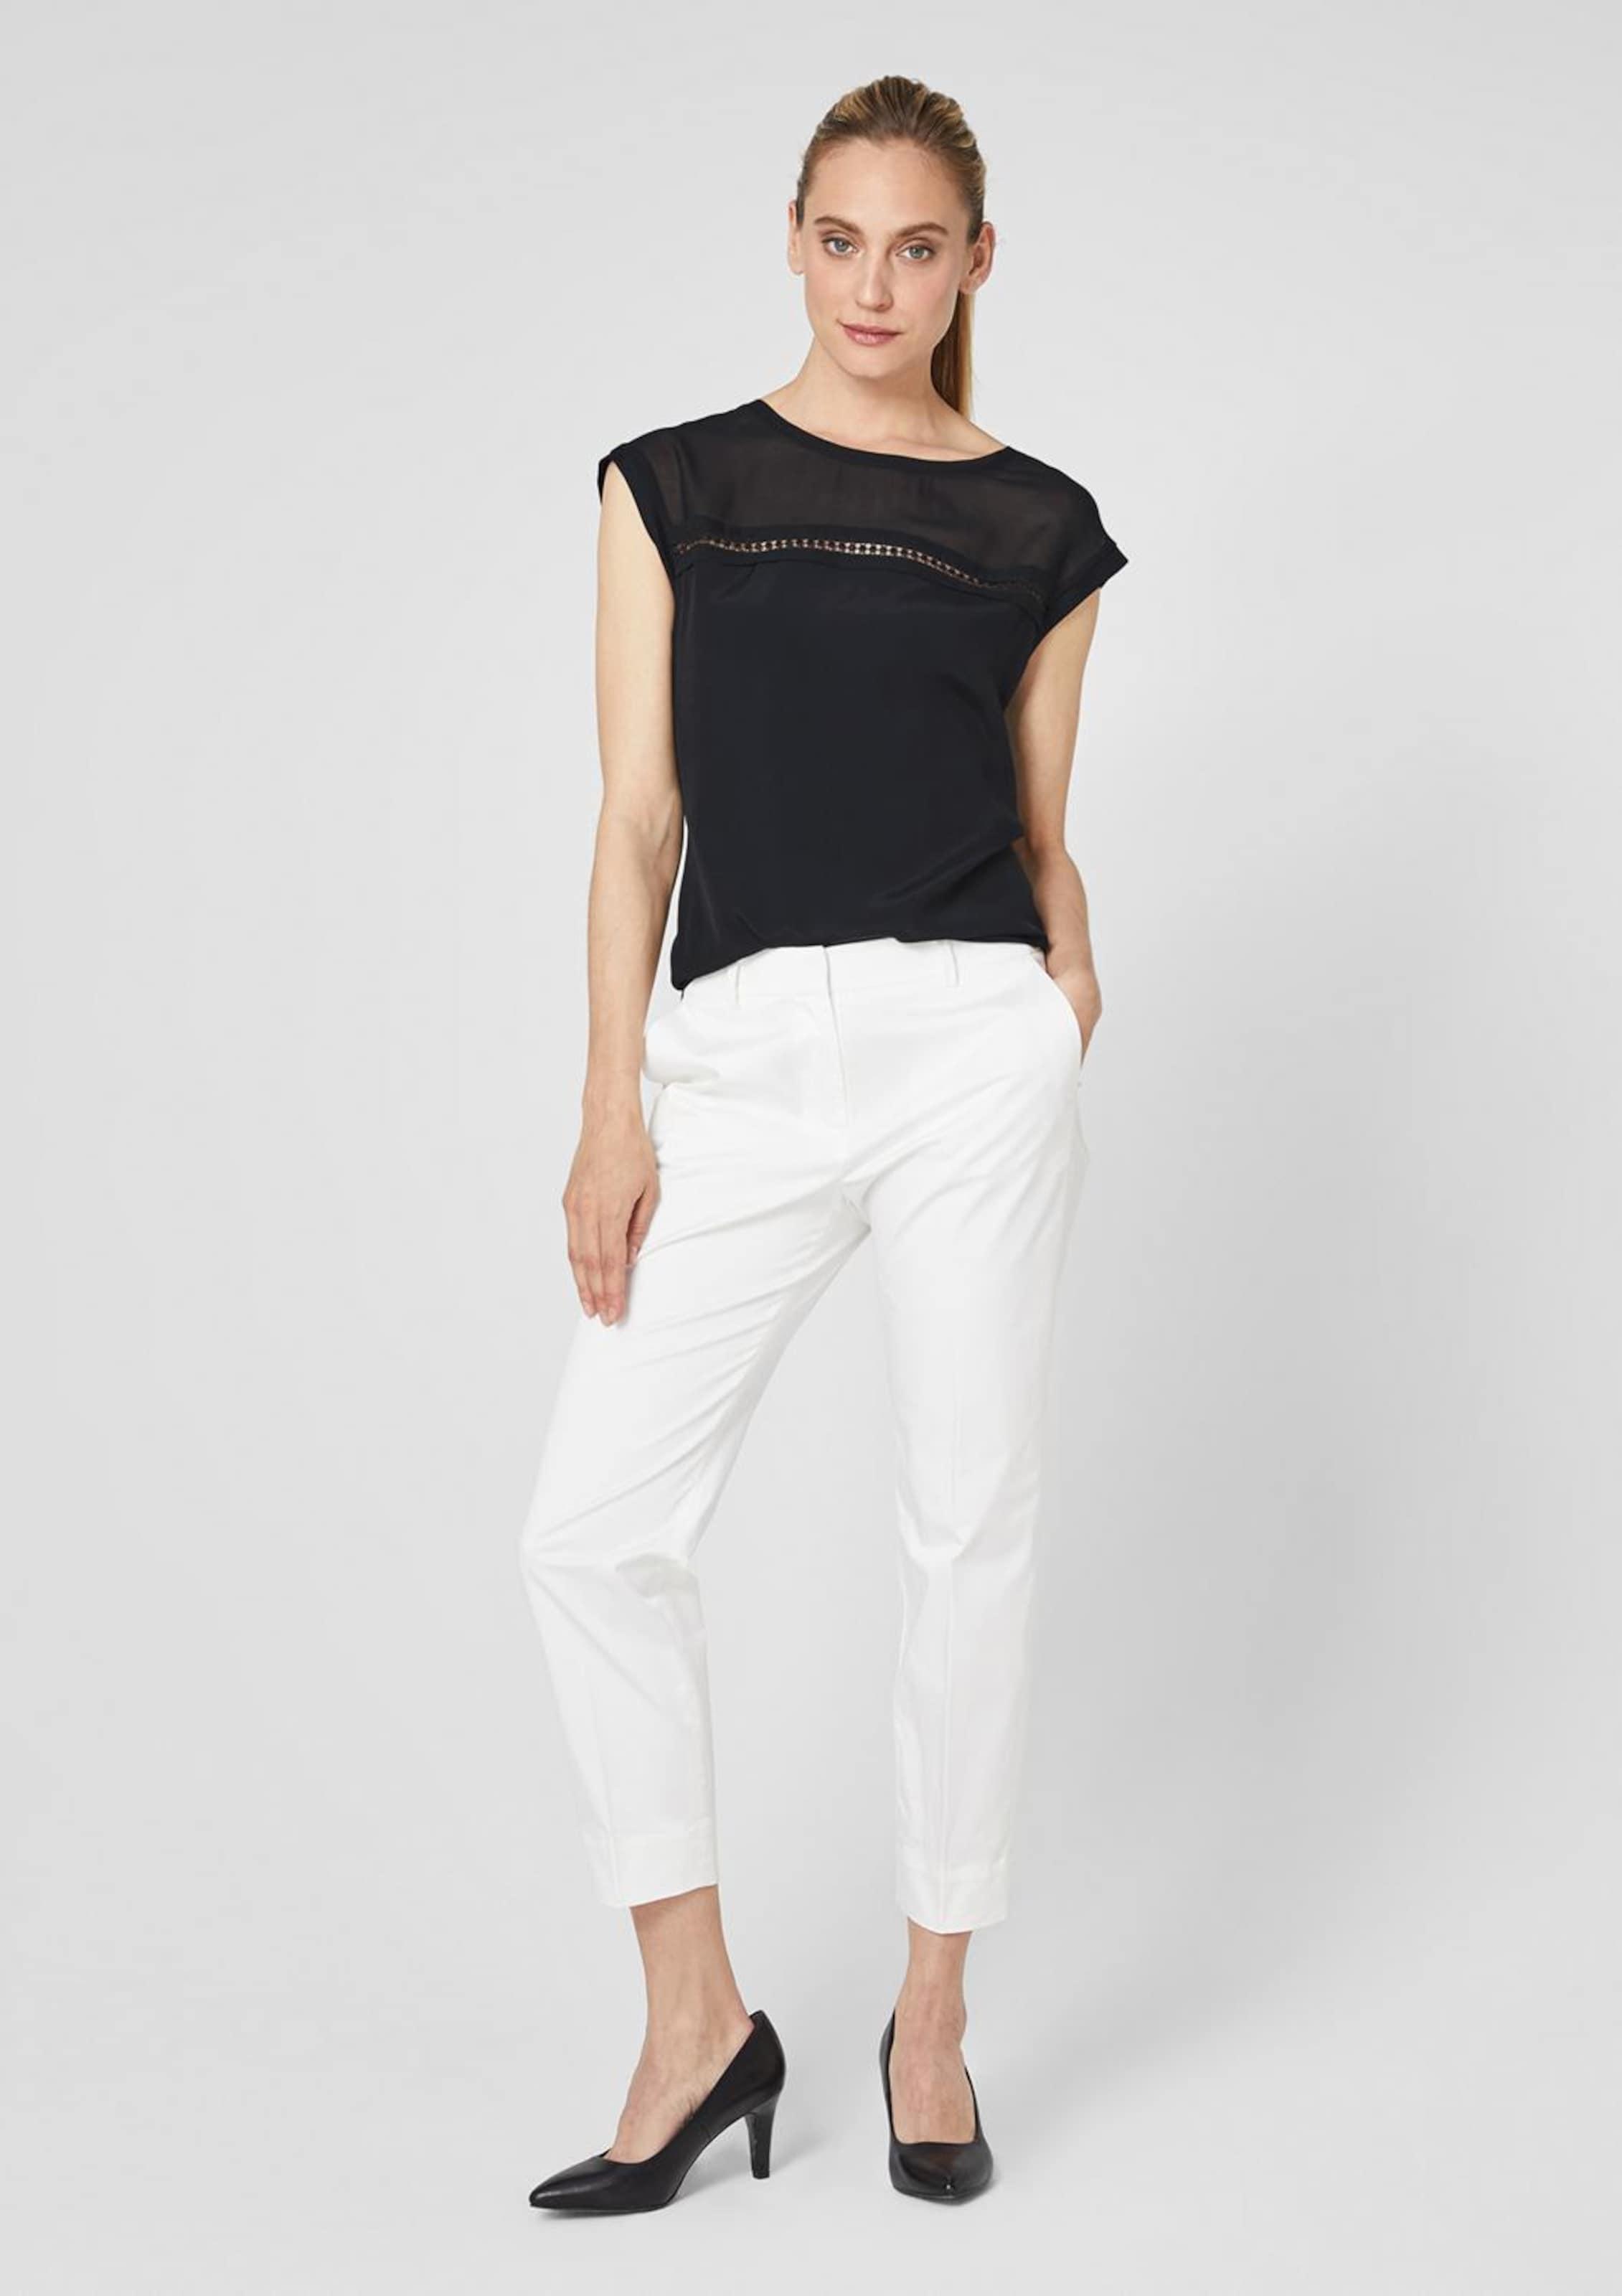 S Black Label oliver Schwarz Shirt In CsrdthQx